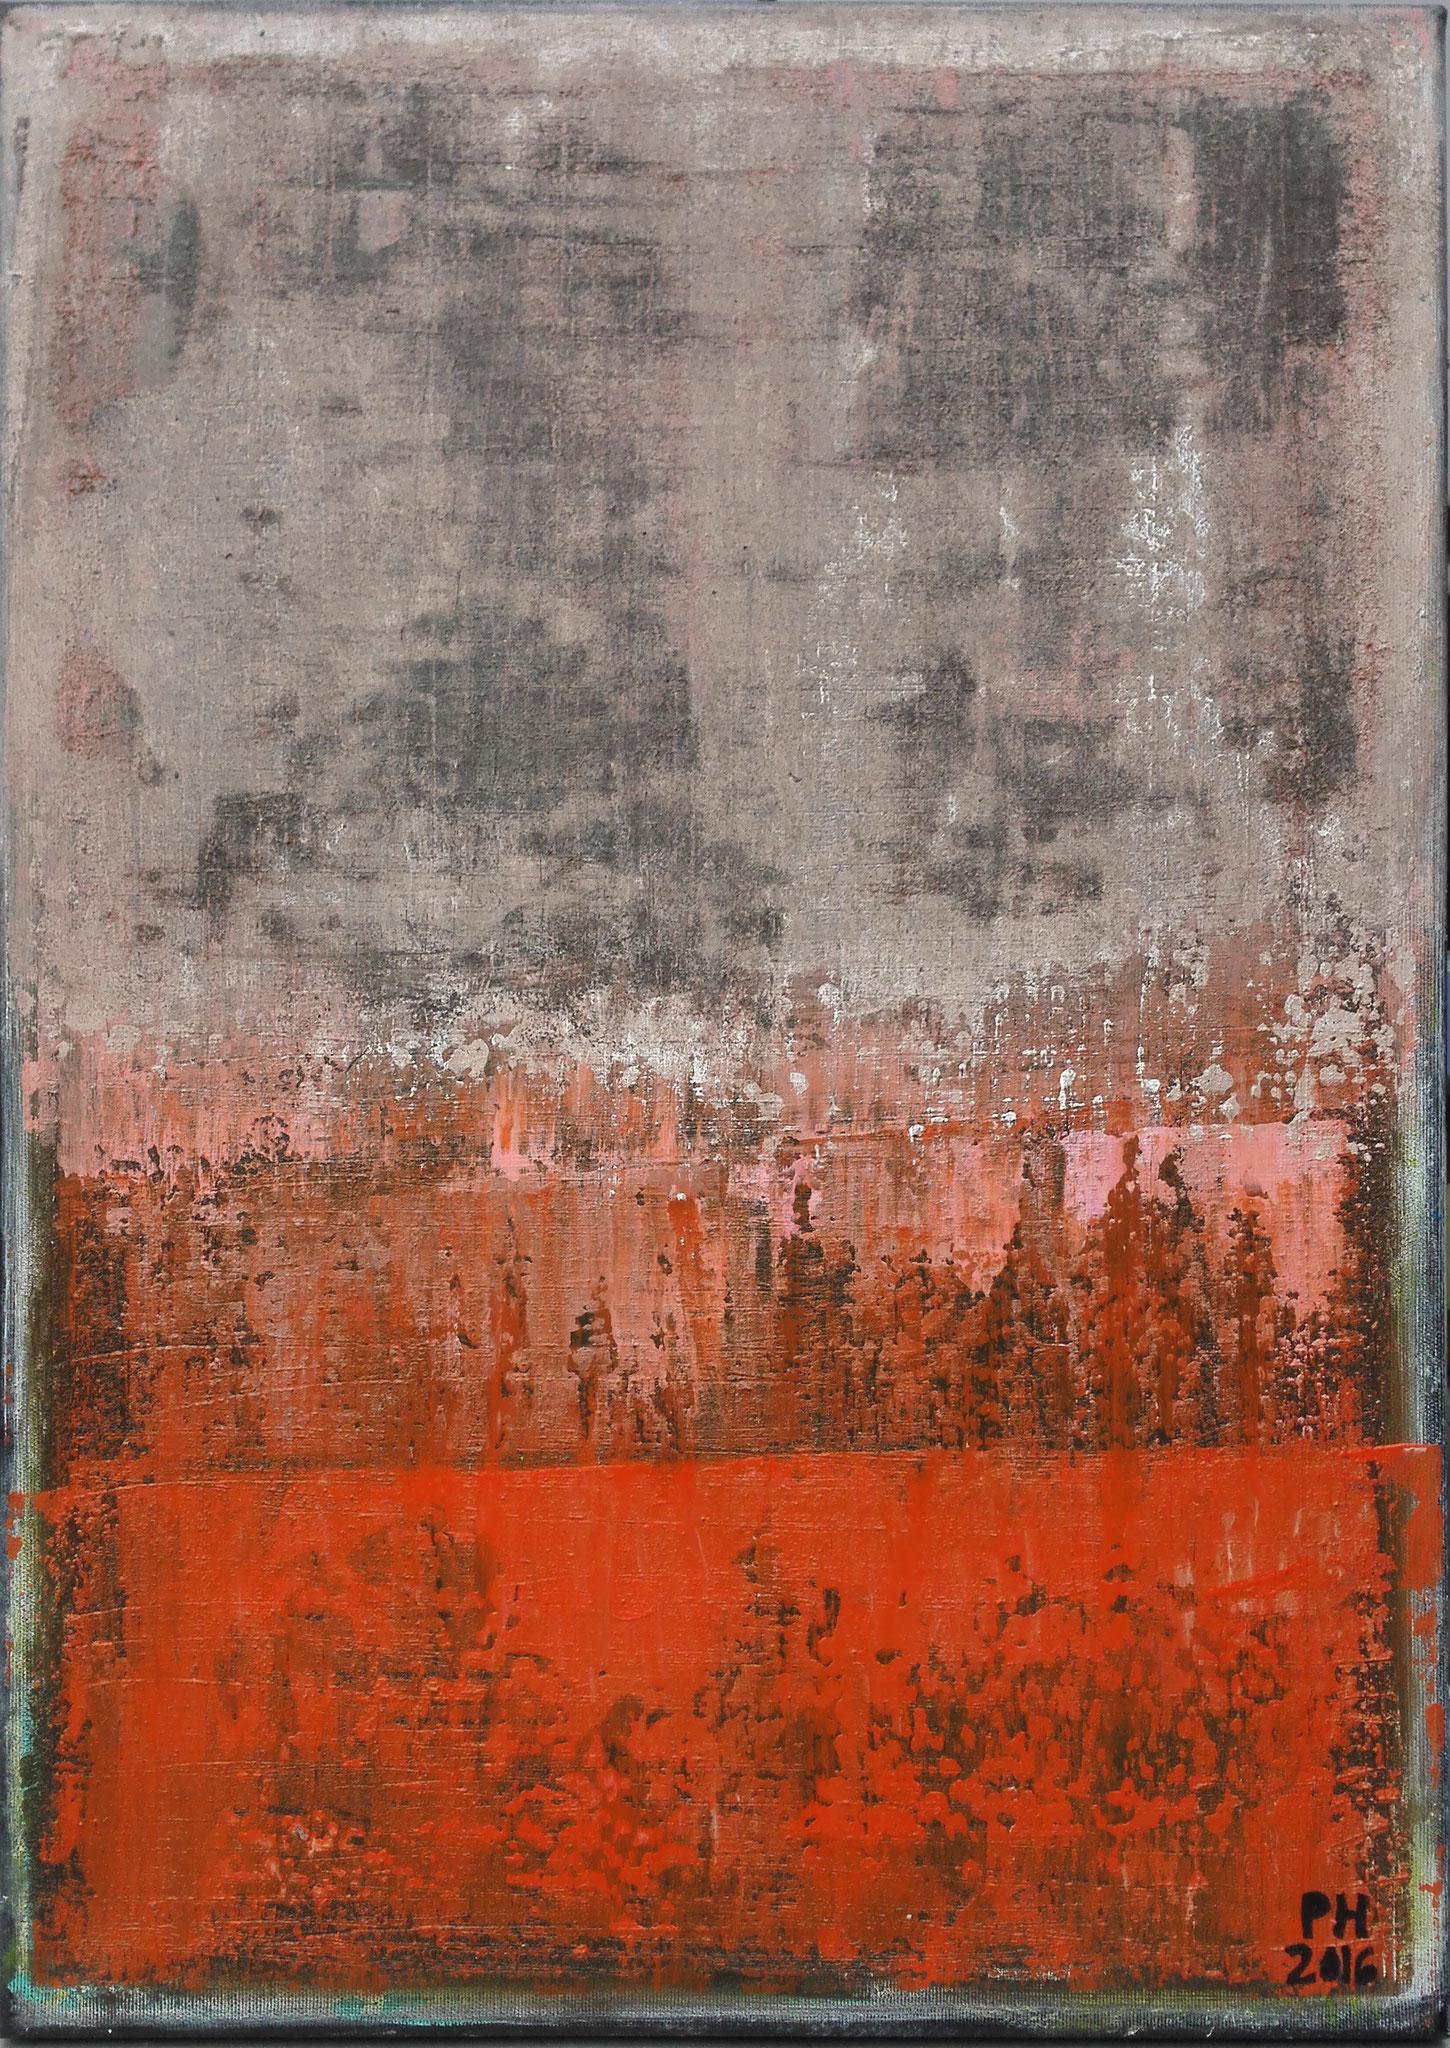 No. 73 - Mischtechnik Acryl auf Leinwand 50x70 cm (2016)